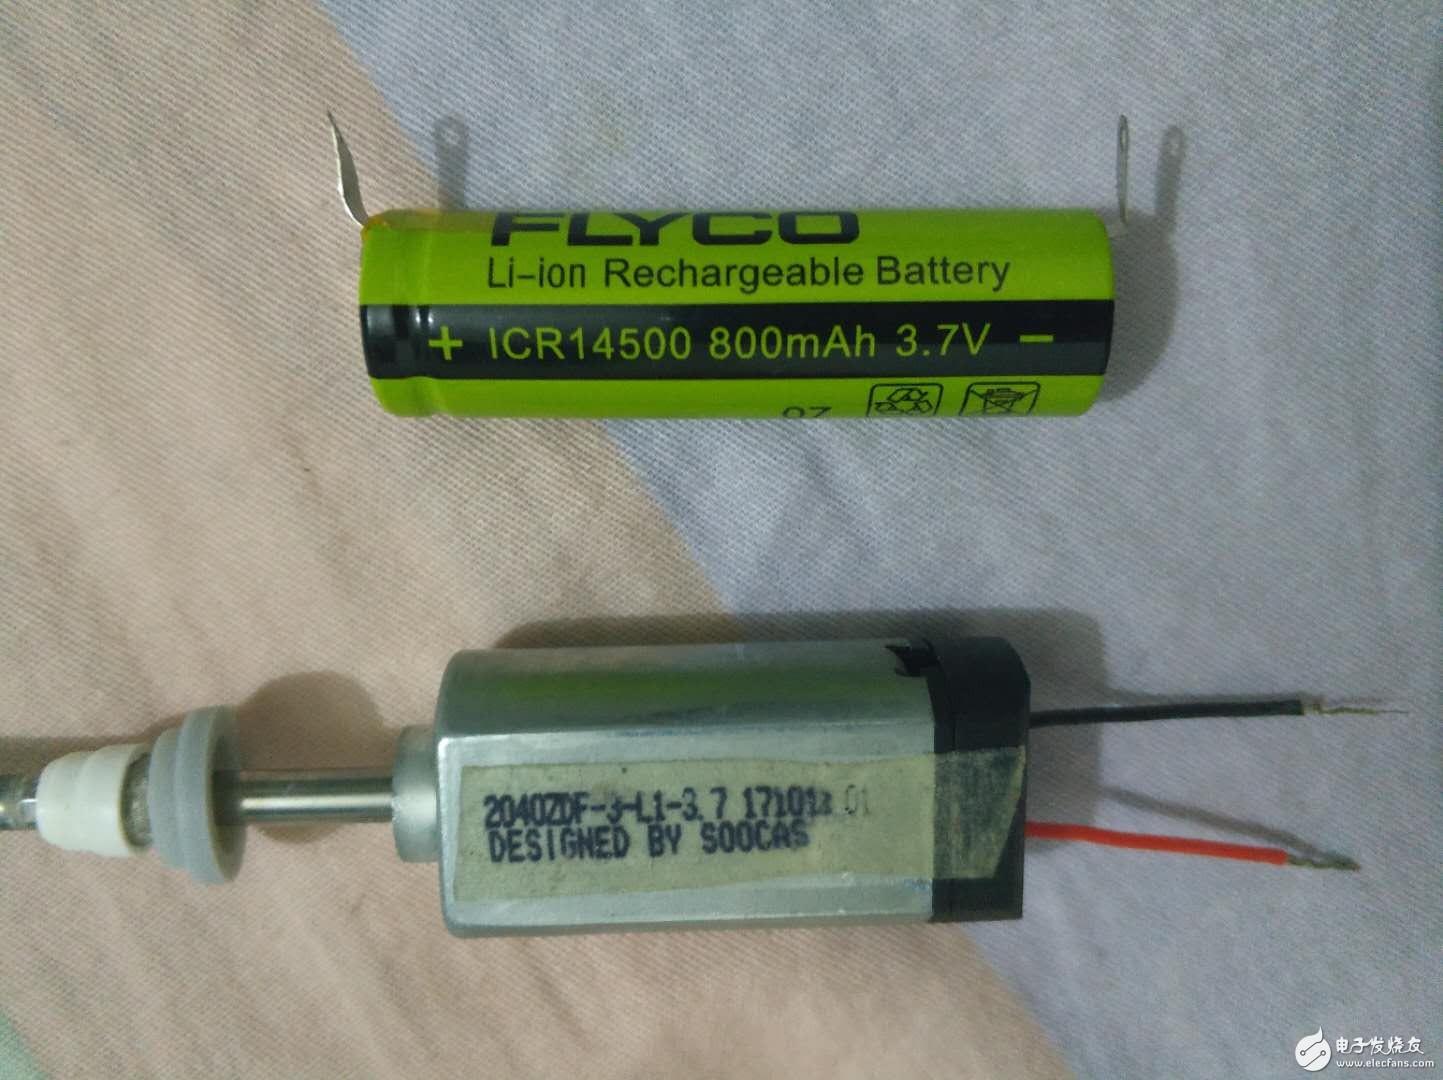 在電動牙刷上拆下3.7V的電機和3.7電池,牙刷的主板已壞,我想直連電機和電池但正負線用手接上后電機沒反應